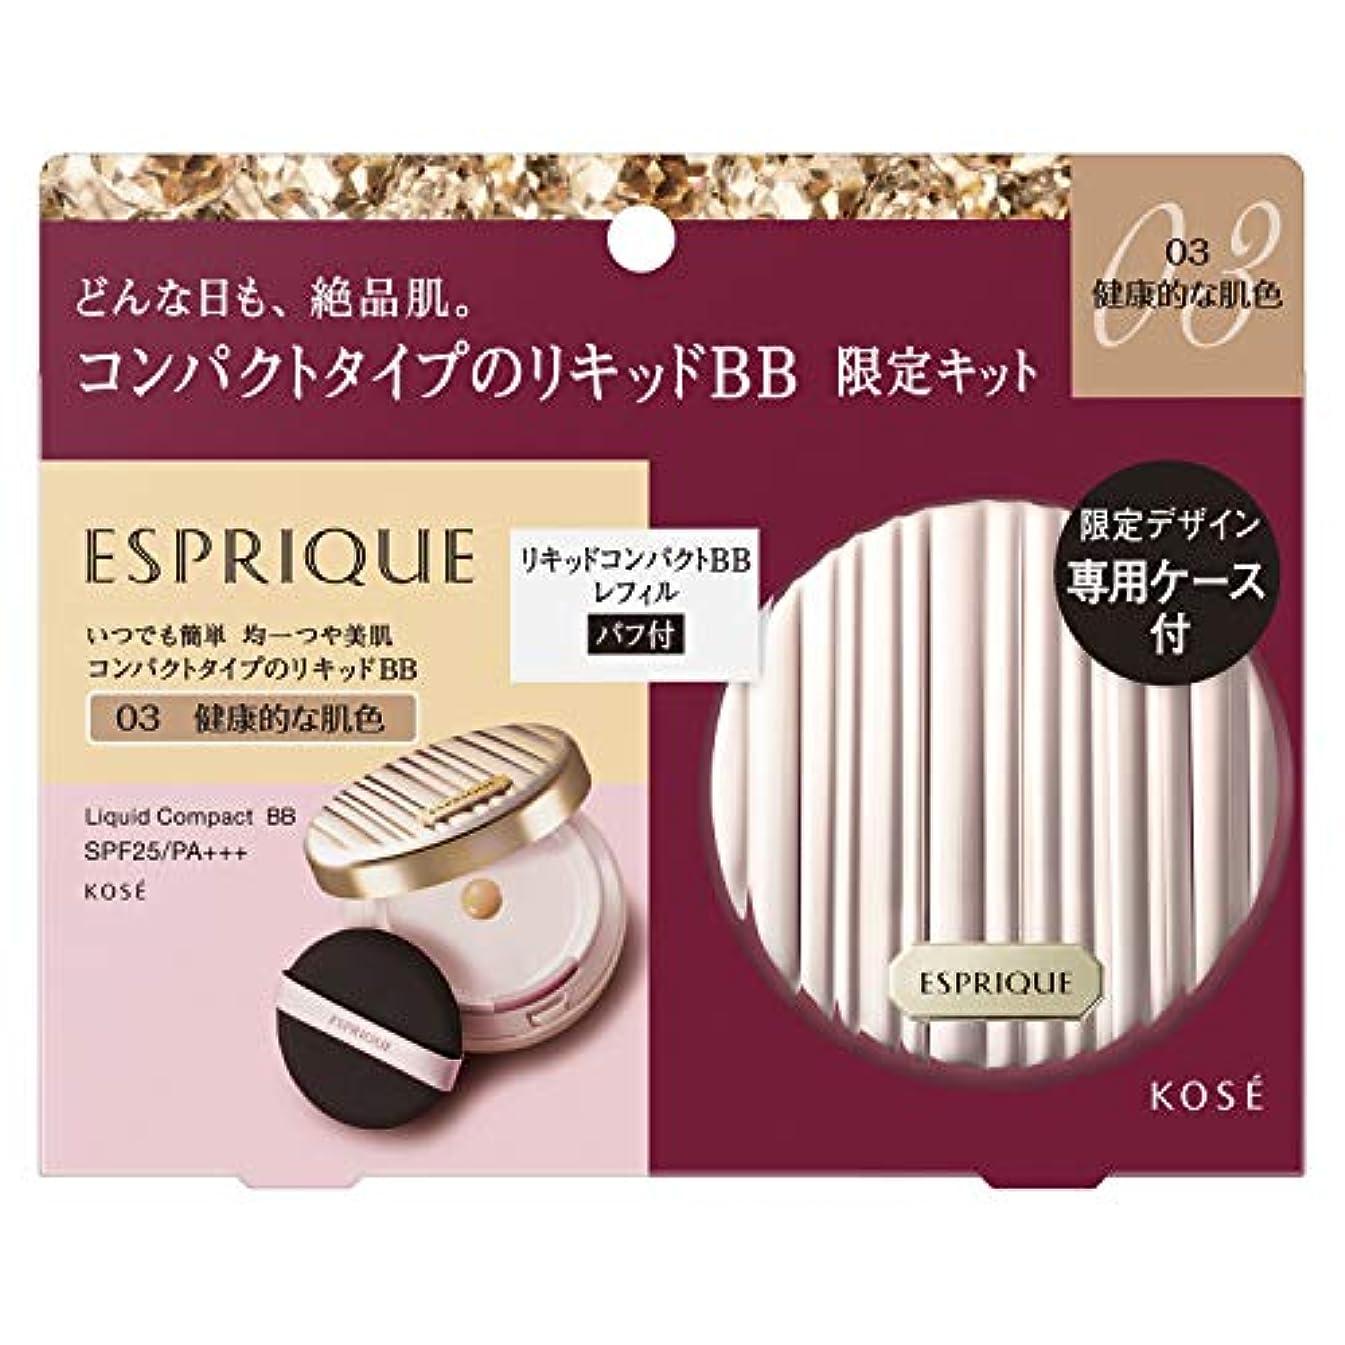 エレクトロニック不良問題ESPRIQUE(エスプリーク) エスプリーク リキッド コンパクト BB 限定キット 2 BBクリーム 03 健康的な肌色 セット 13g+ケース付き